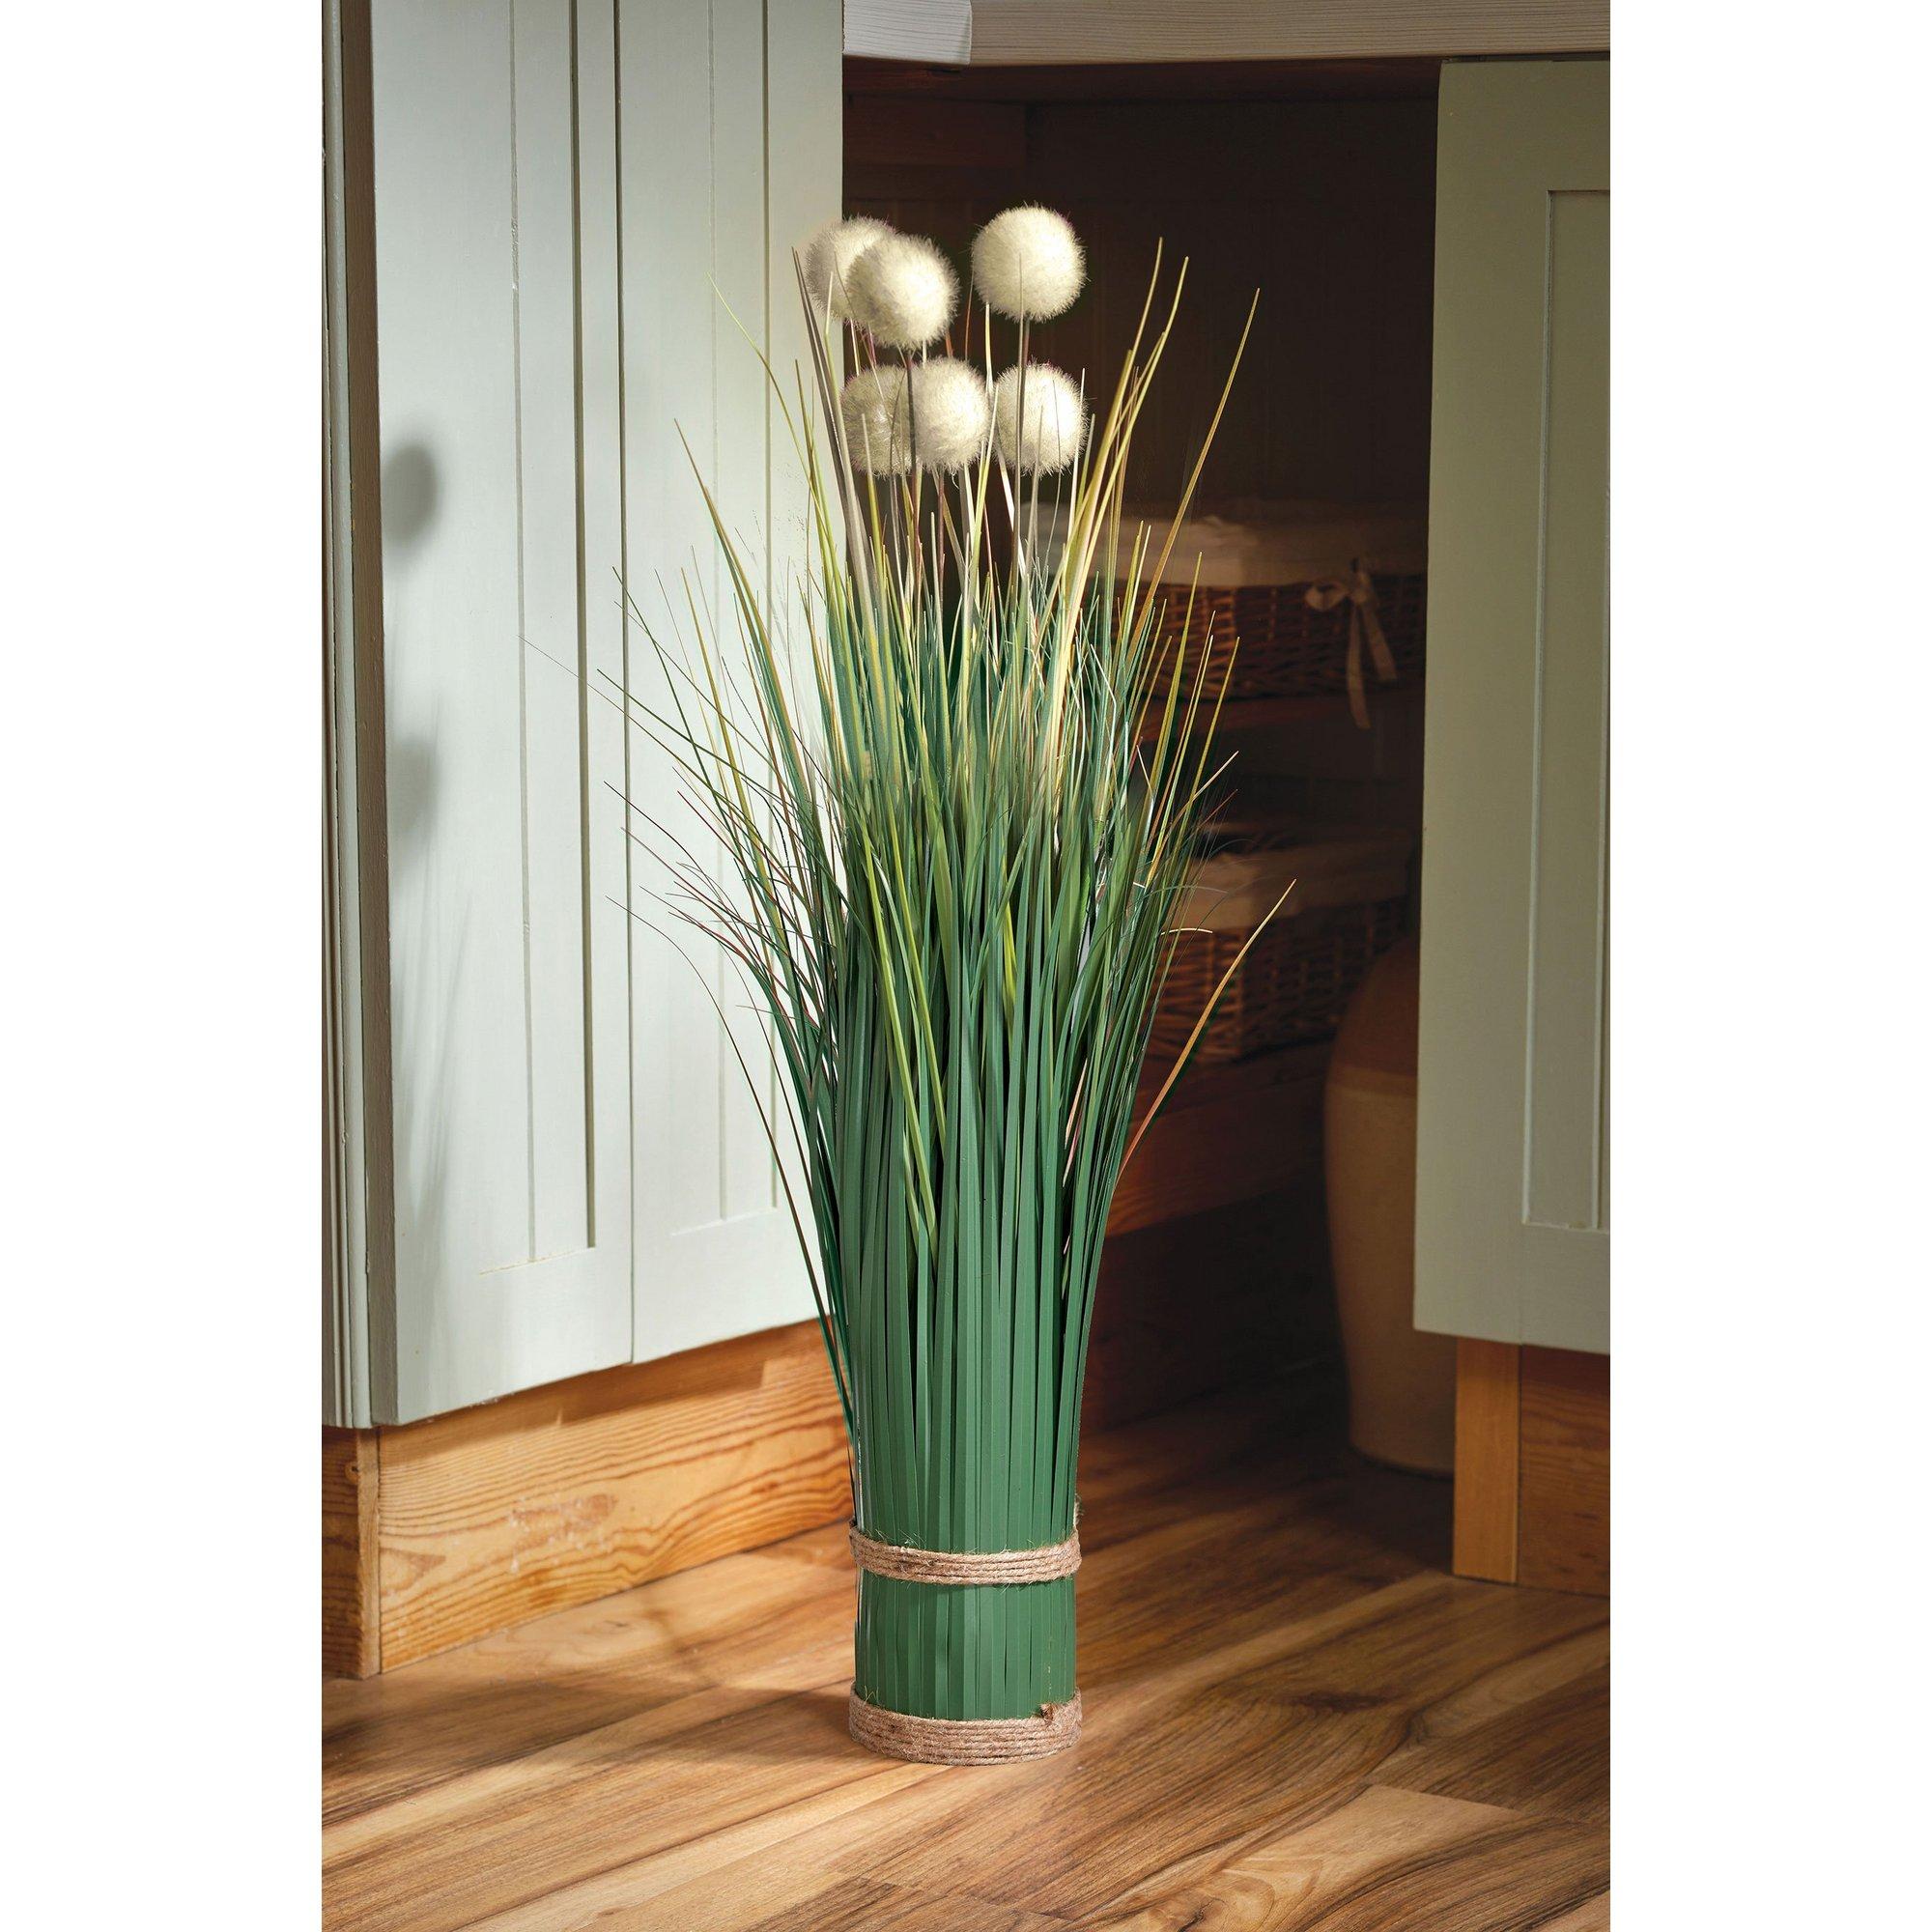 Image of Faux Bouquet Pom Pom Grass